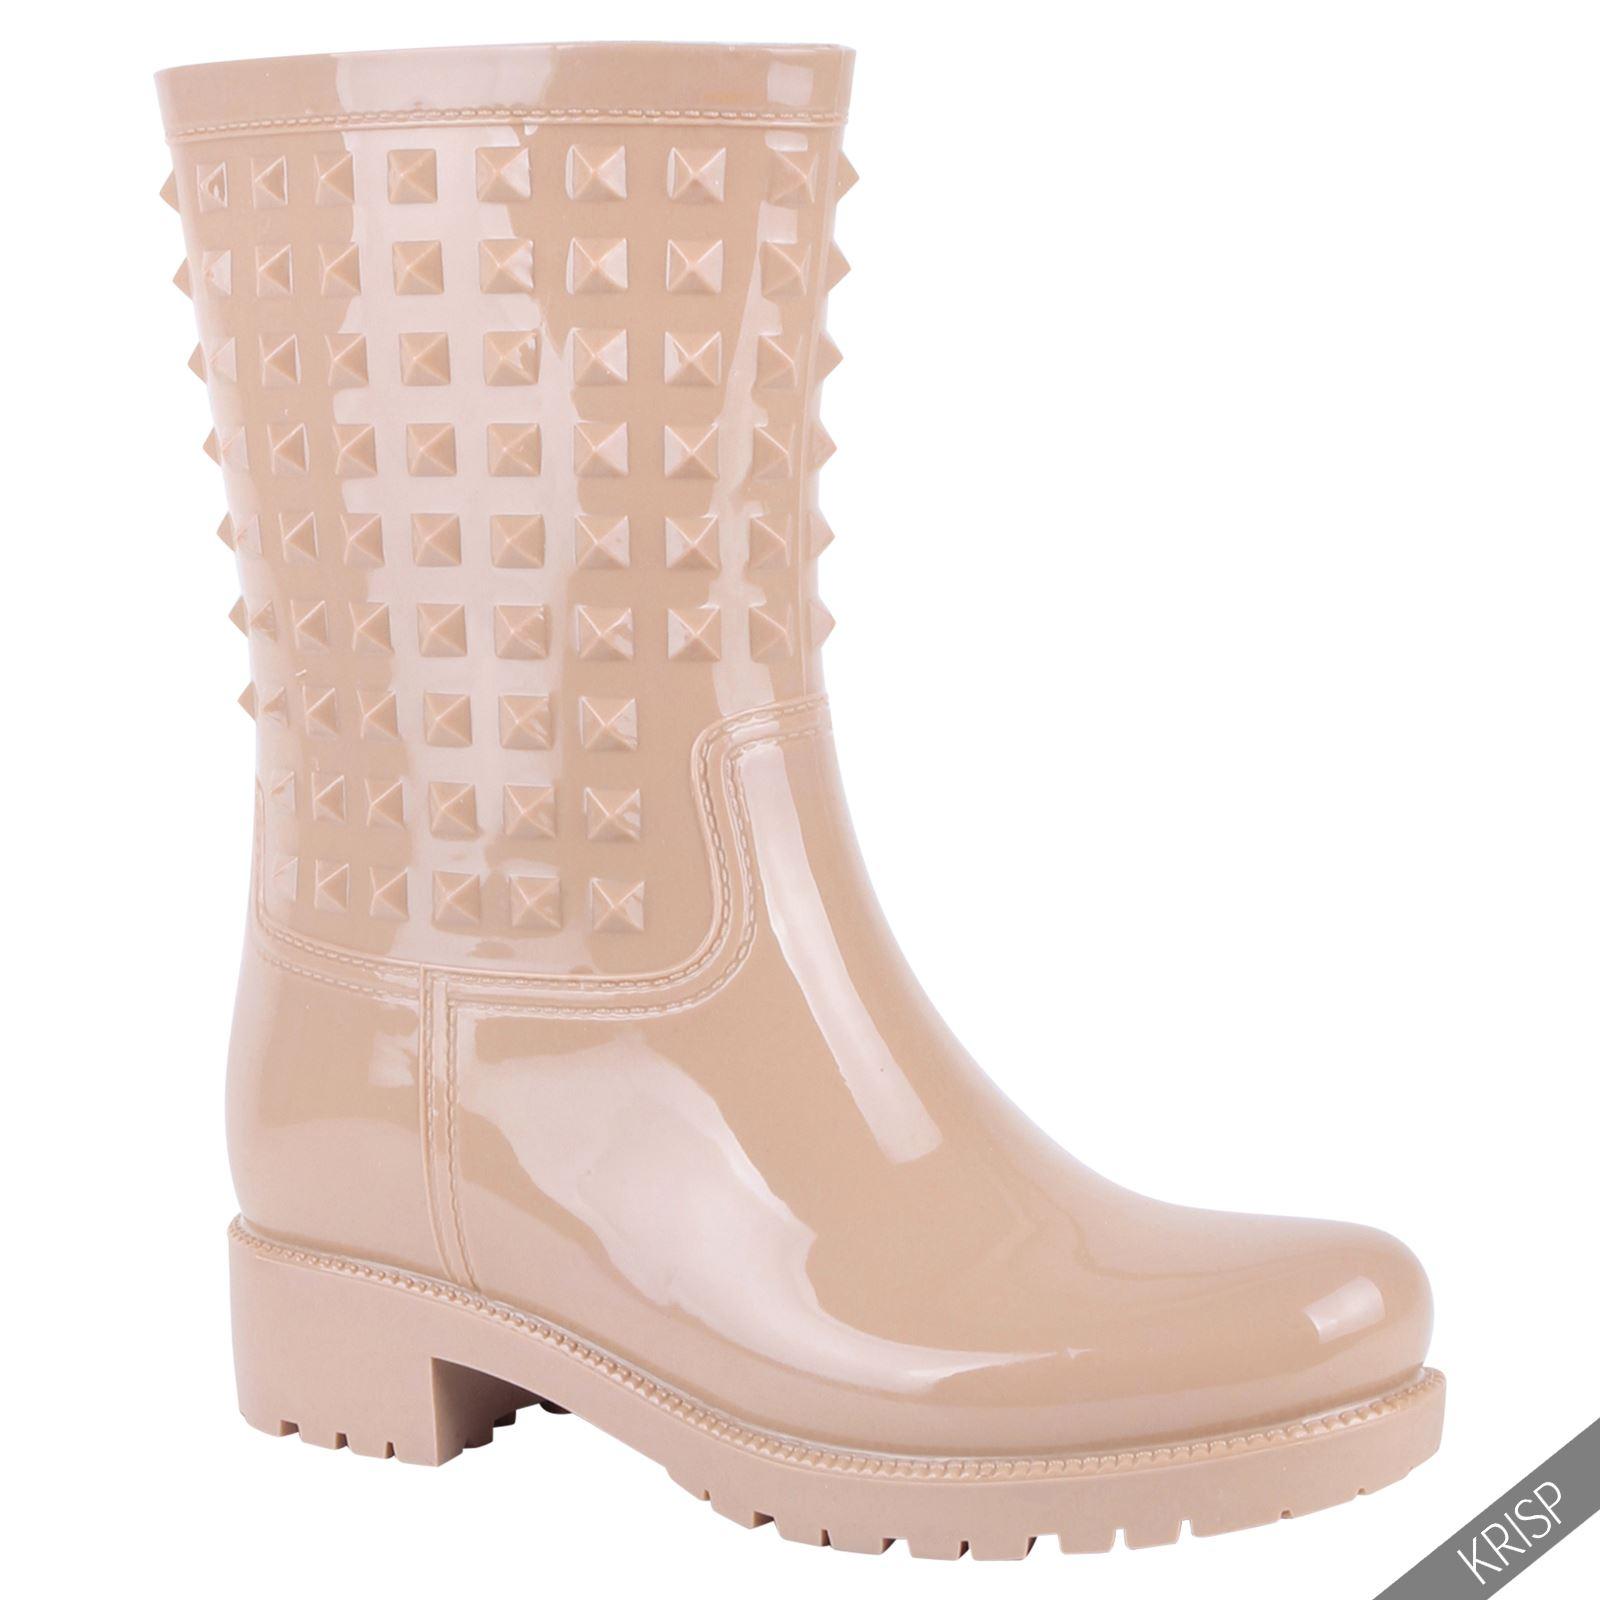 Botas-Agua-Mujer-Barata-Original-Botines-Moda-Comodas-Calzado-Elastico-Juveniles miniatura 11